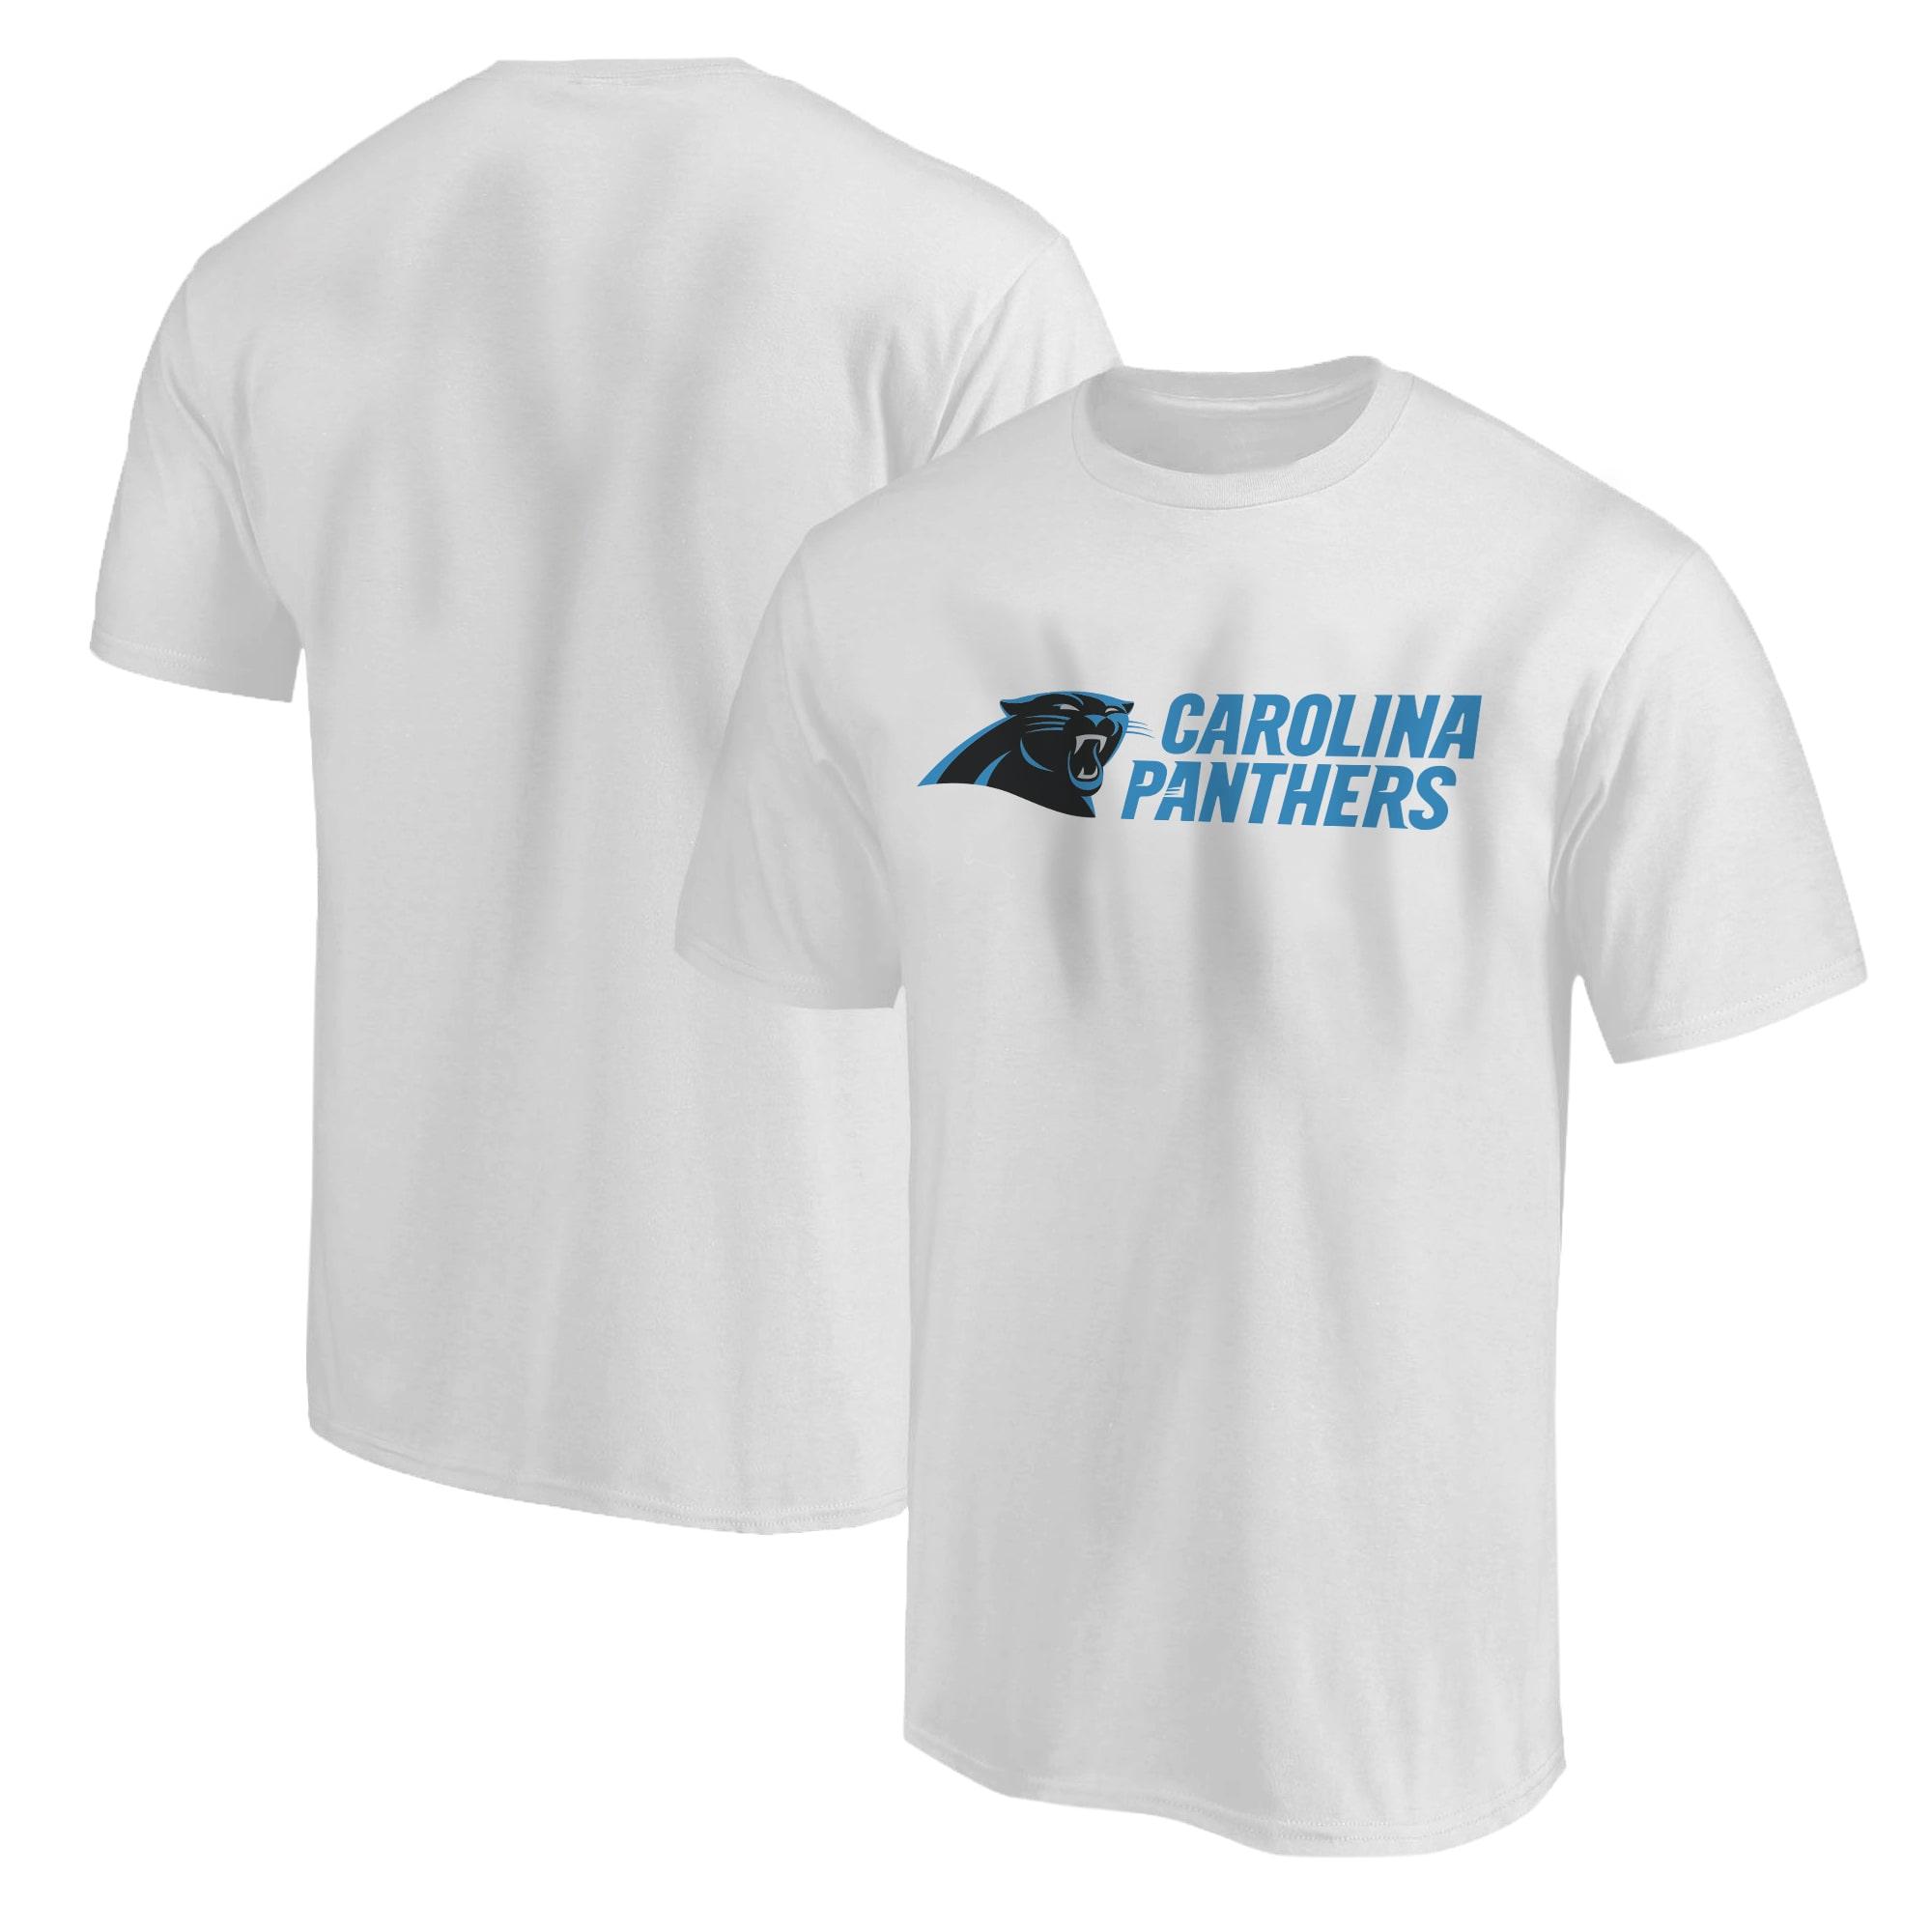 Carolina Panthers Tshirt (TSH-WHT-NP-C.PANTHERS-652)